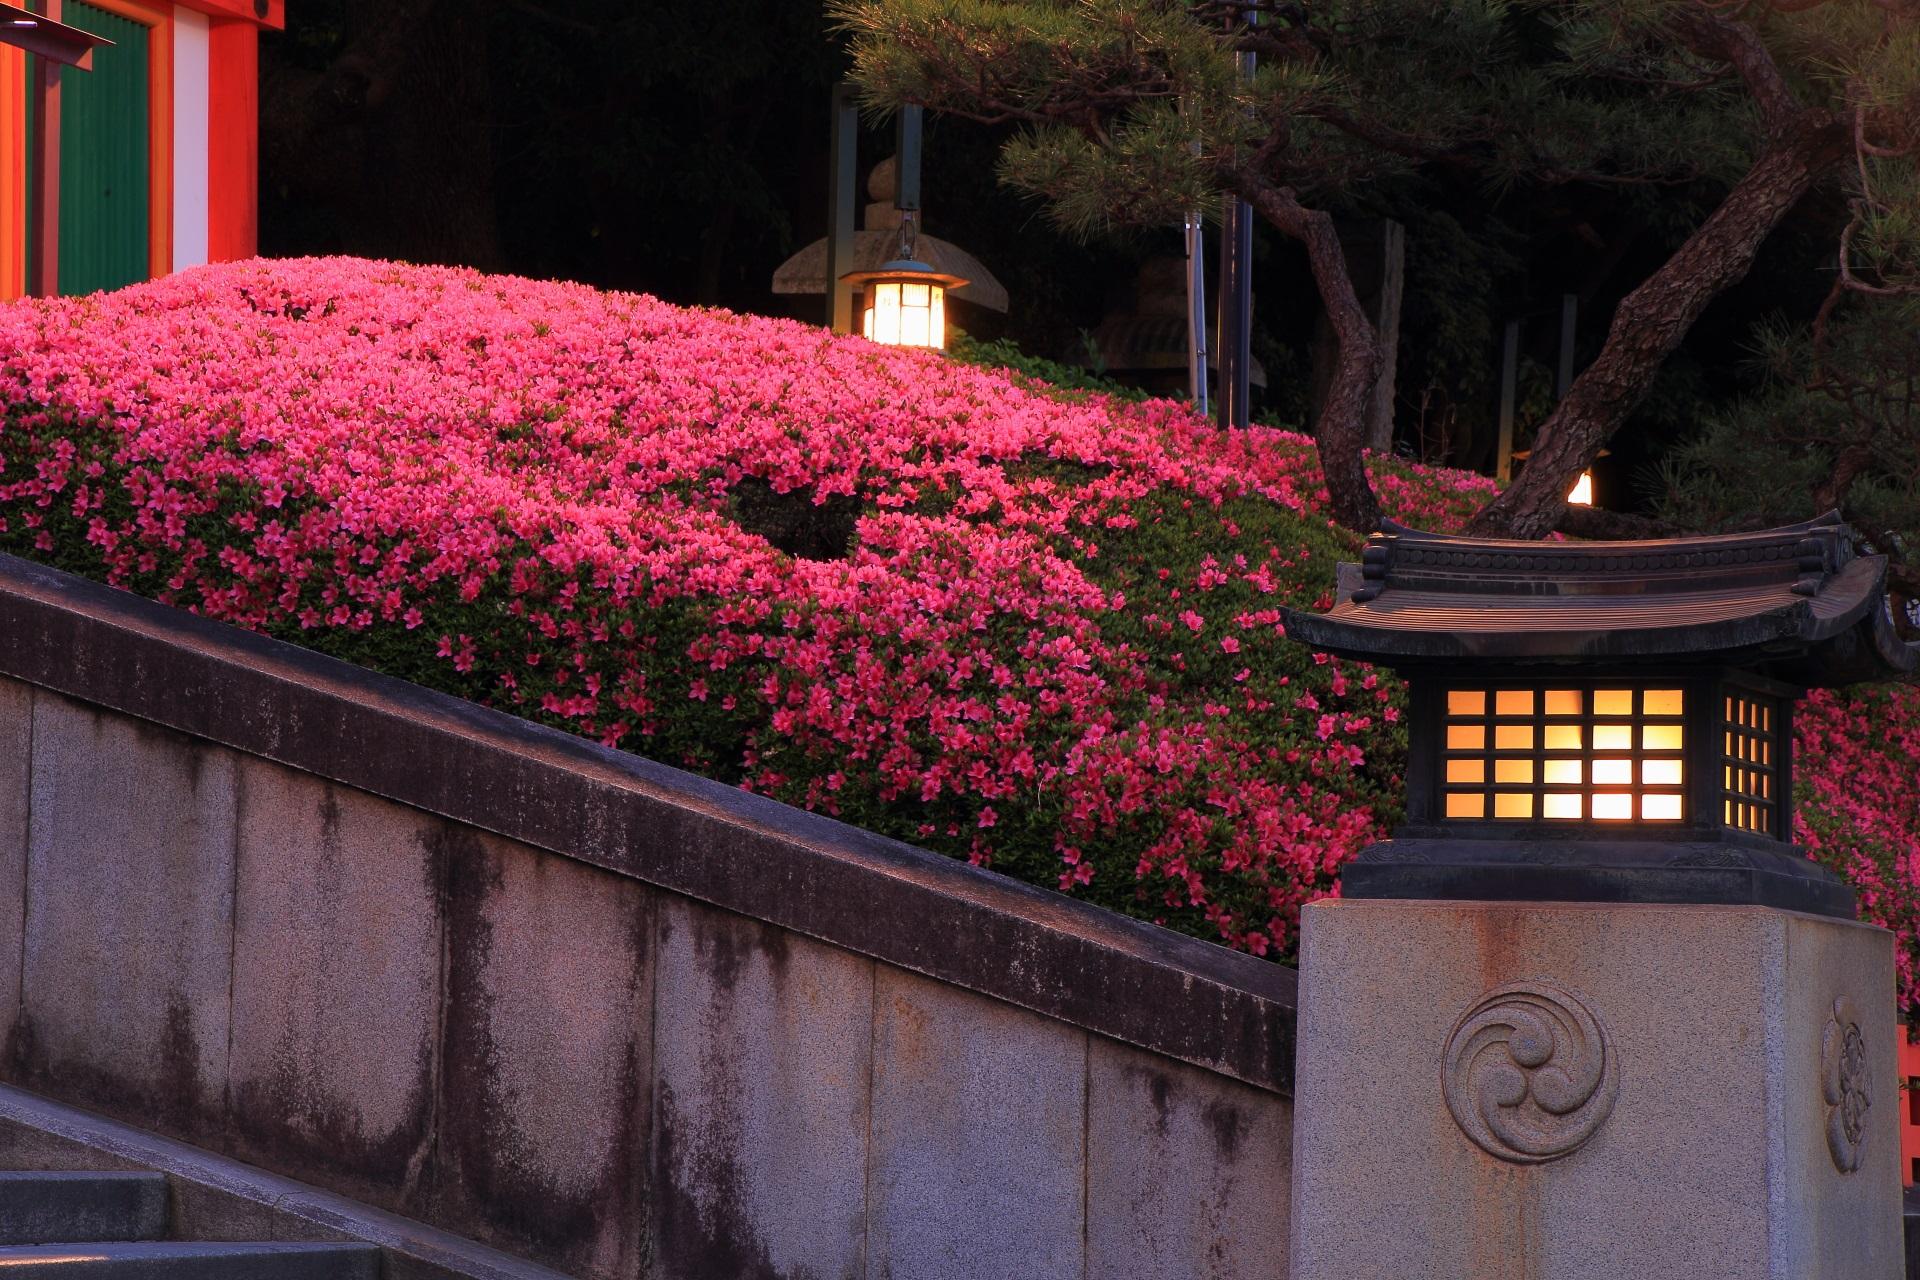 燈籠や街灯の緩い灯りが照らすサツキの幻想的な雰囲気